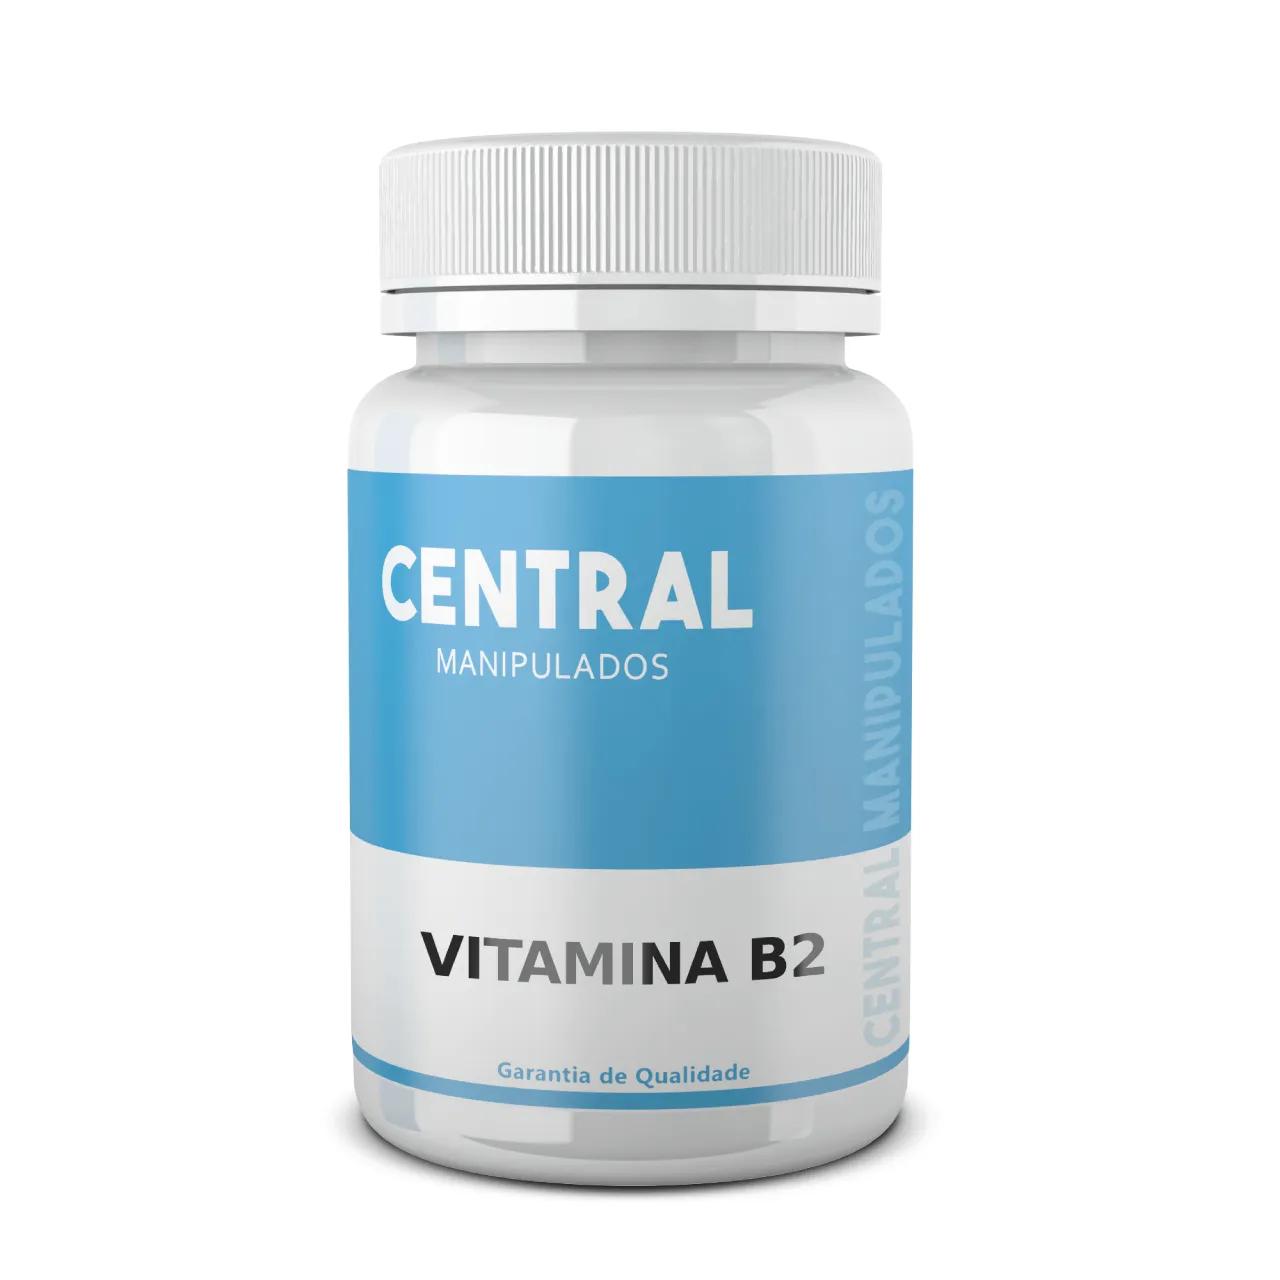 Vitamina B2 50mg - 60 cápsulas - Riboflavina